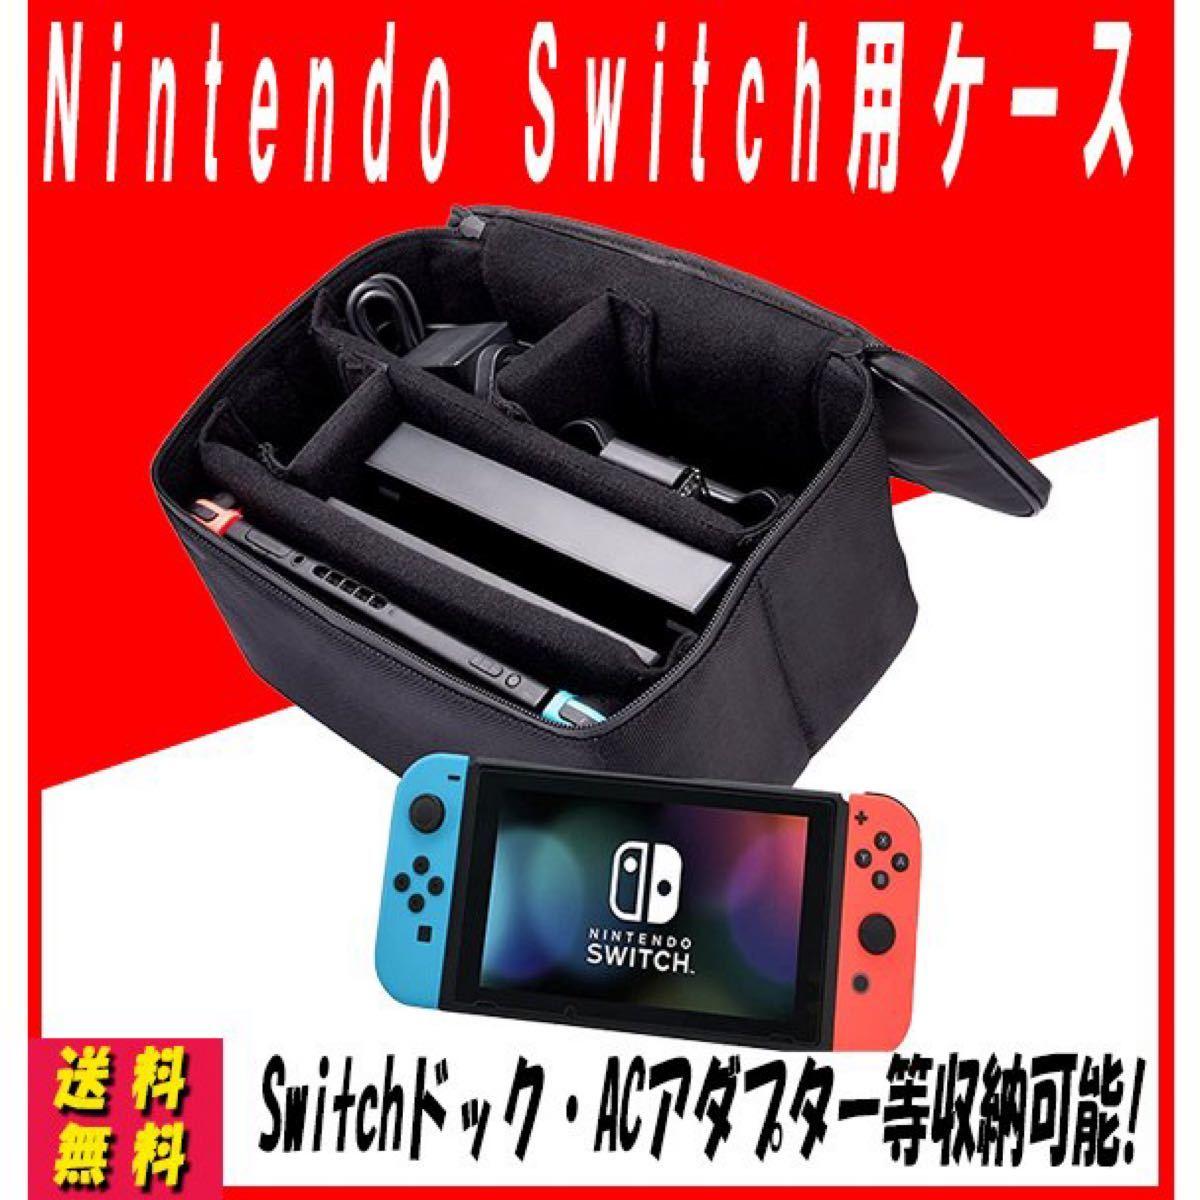 Nintendo Switch 任天堂スイッチ ニンテンドースイッチ ケース キャリー ショルダー 全部入る